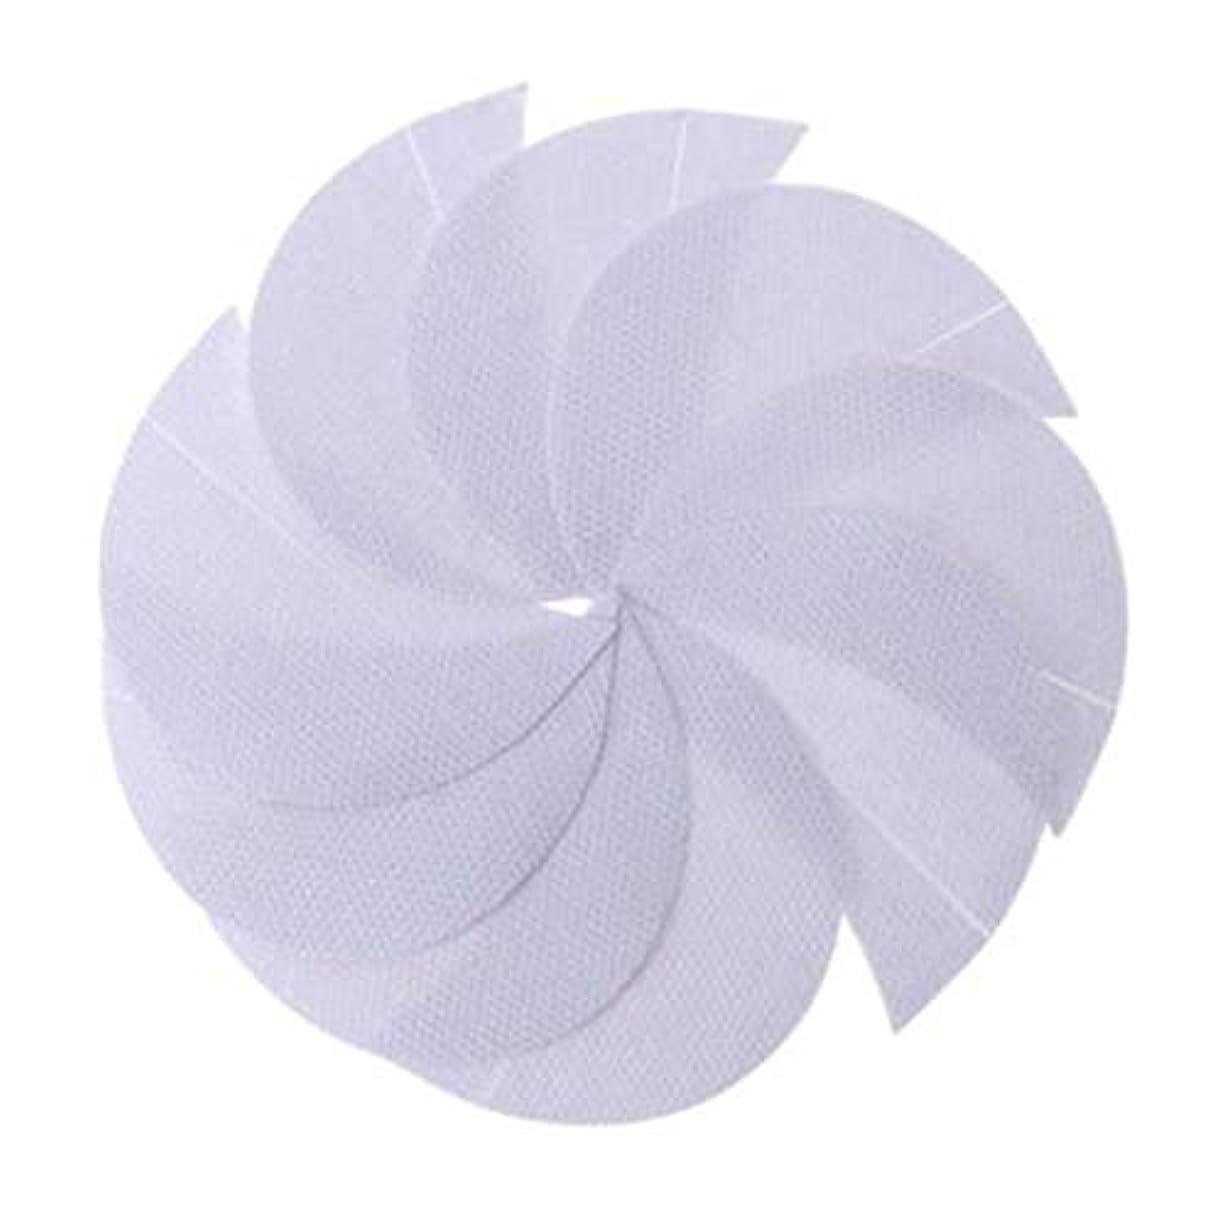 二週間信仰換気Rabugogo 100個/袋不織布アイシャドーシールドアイシャドージェルパッドパッチアイシャドーステンシル防止まつげエクステ化粧品残留物